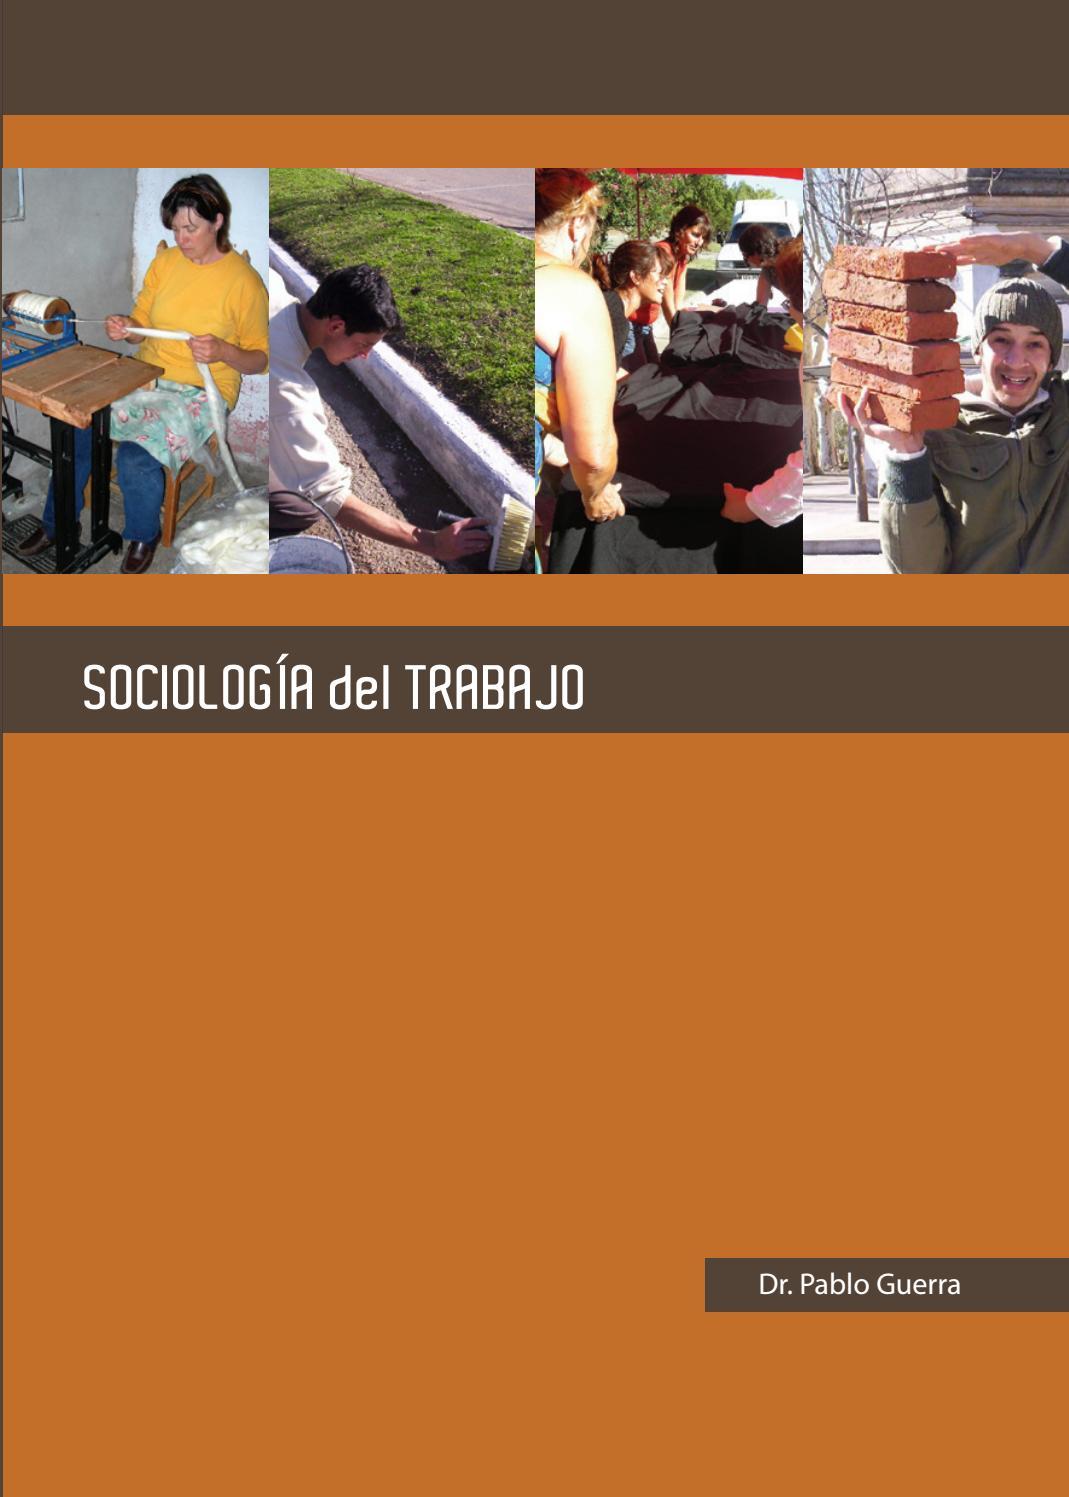 Sociología del Trabajo by matilez - issuu